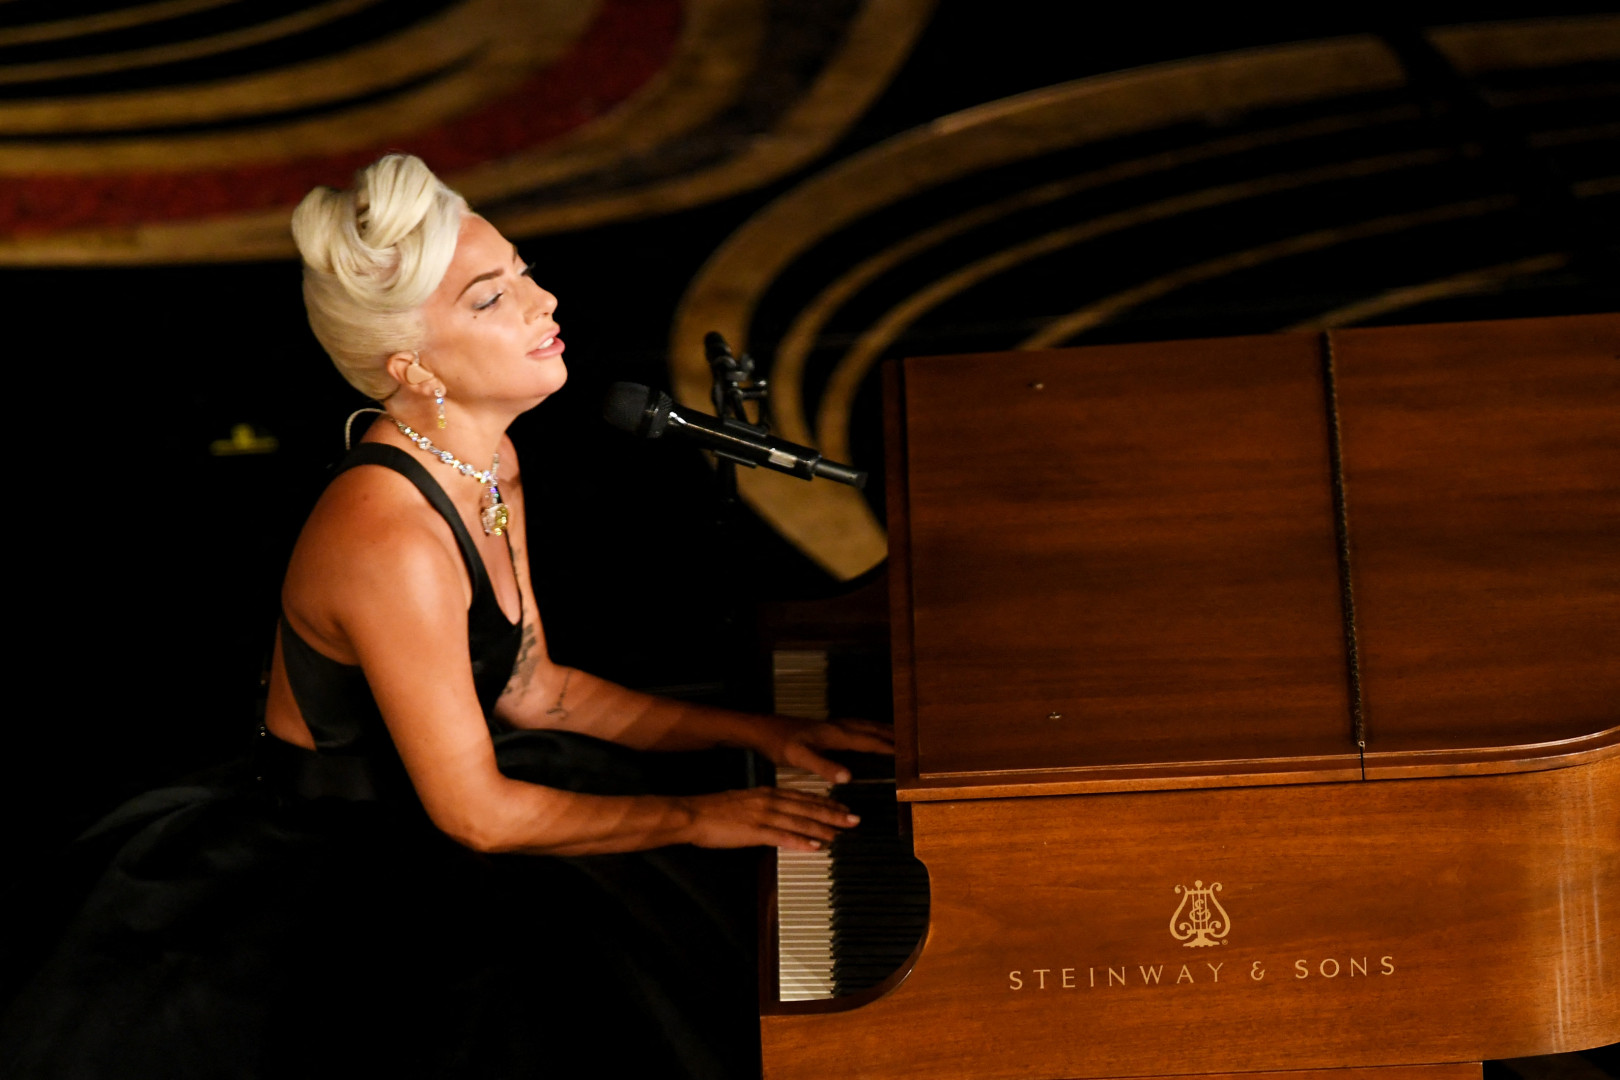 3 - Lady Gaga